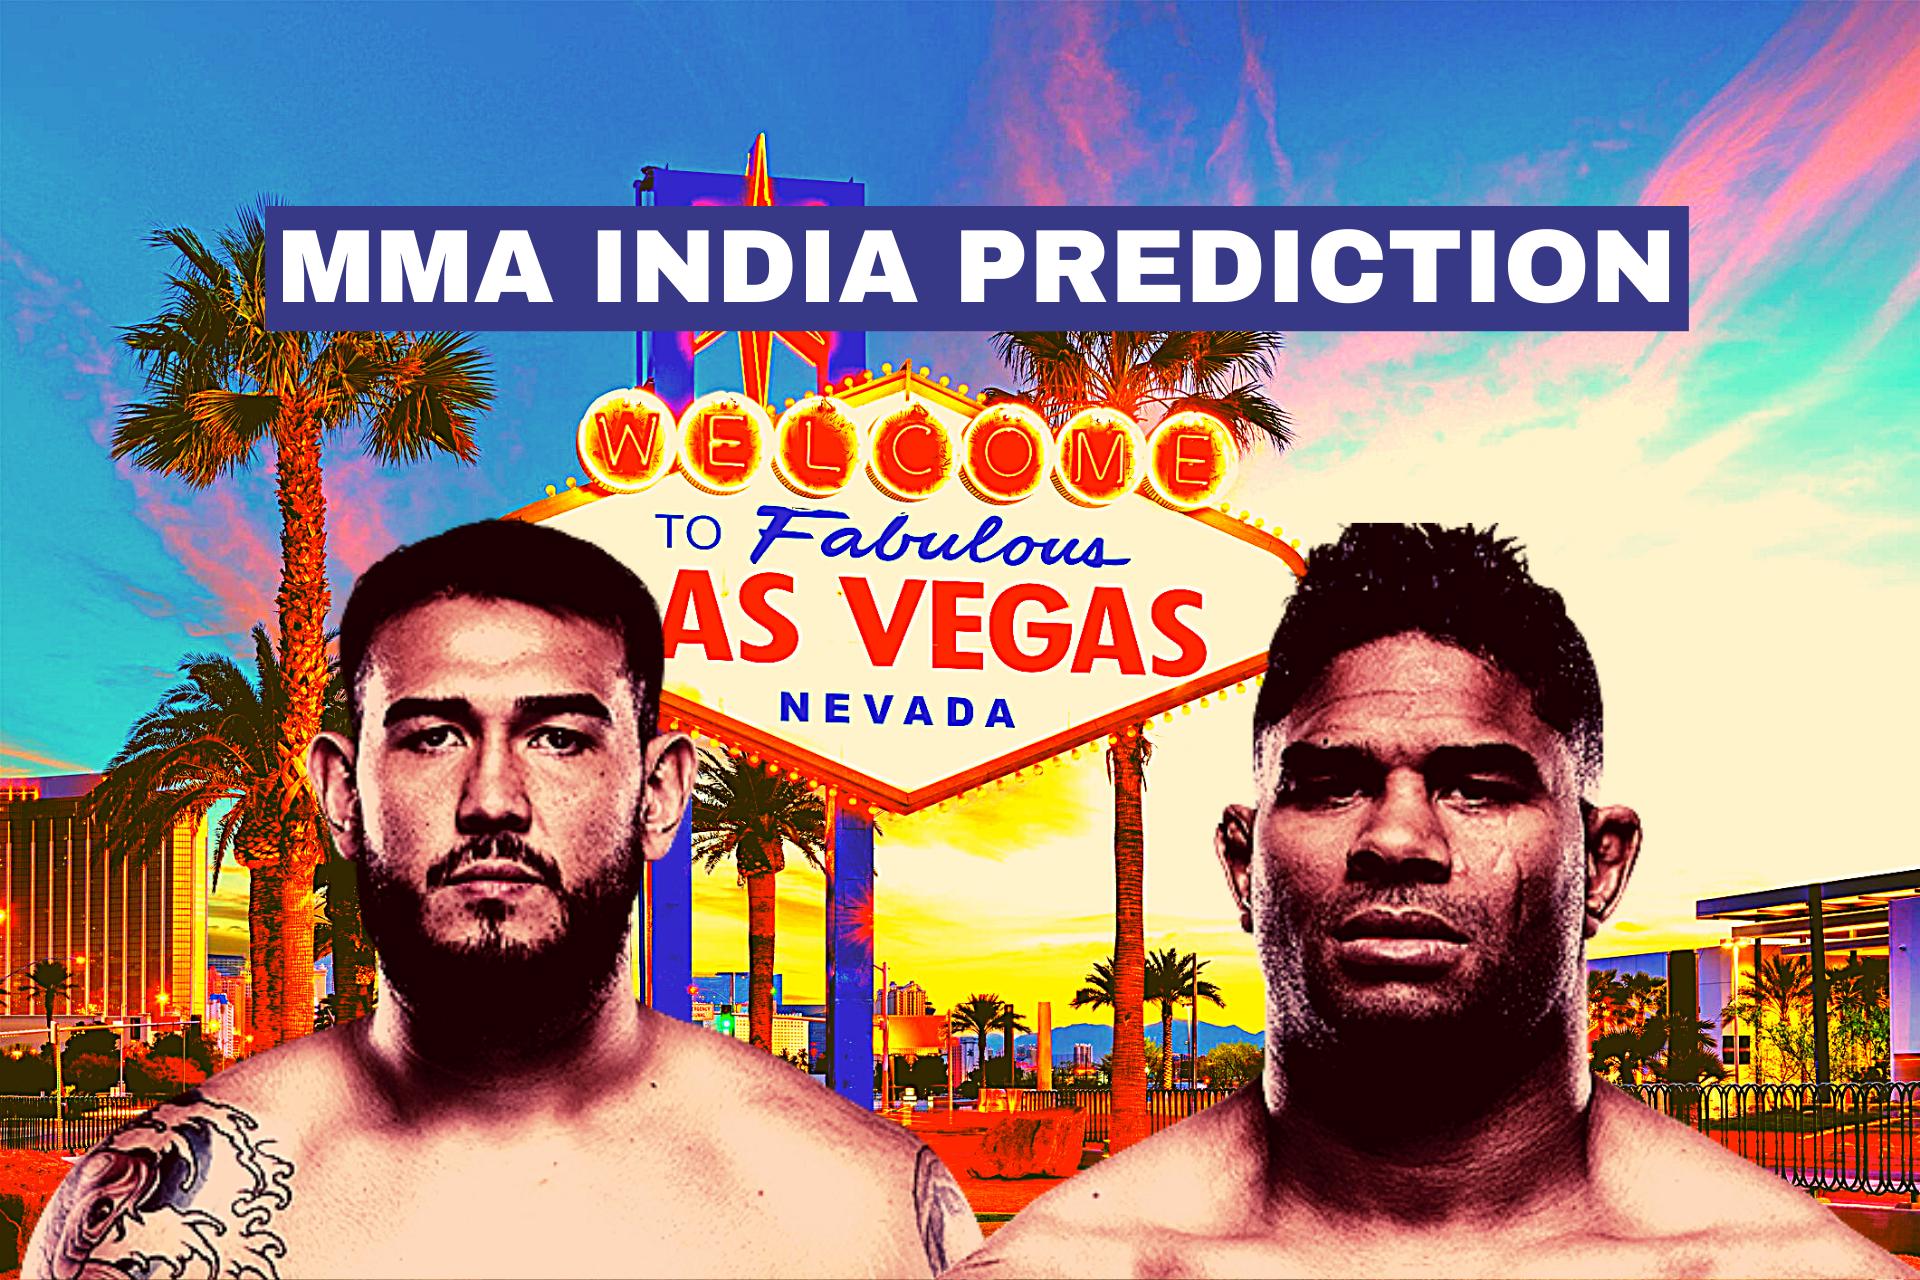 UFC Vegas 9: Overeem vs. Sakai Odds, Prediction, Verdict - Overeem